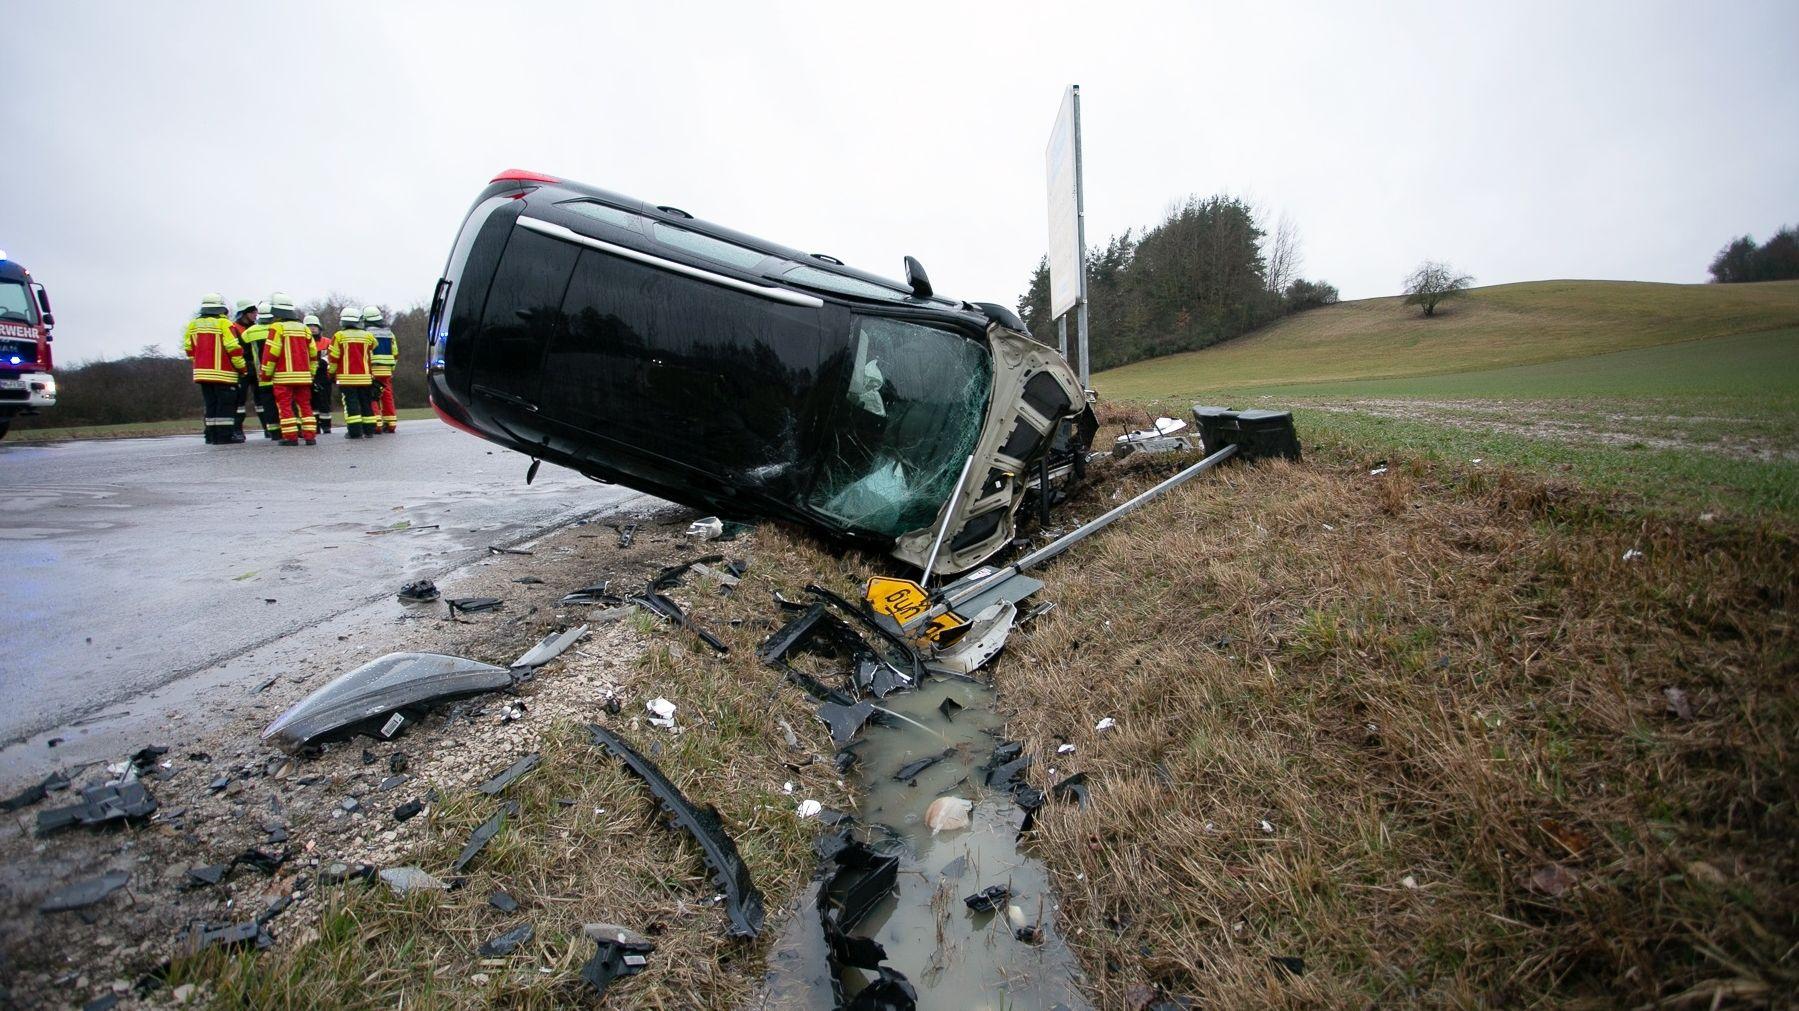 Ein Unfallfahrzeug liegt auf die Seite gedreht in einem Straßengraben.